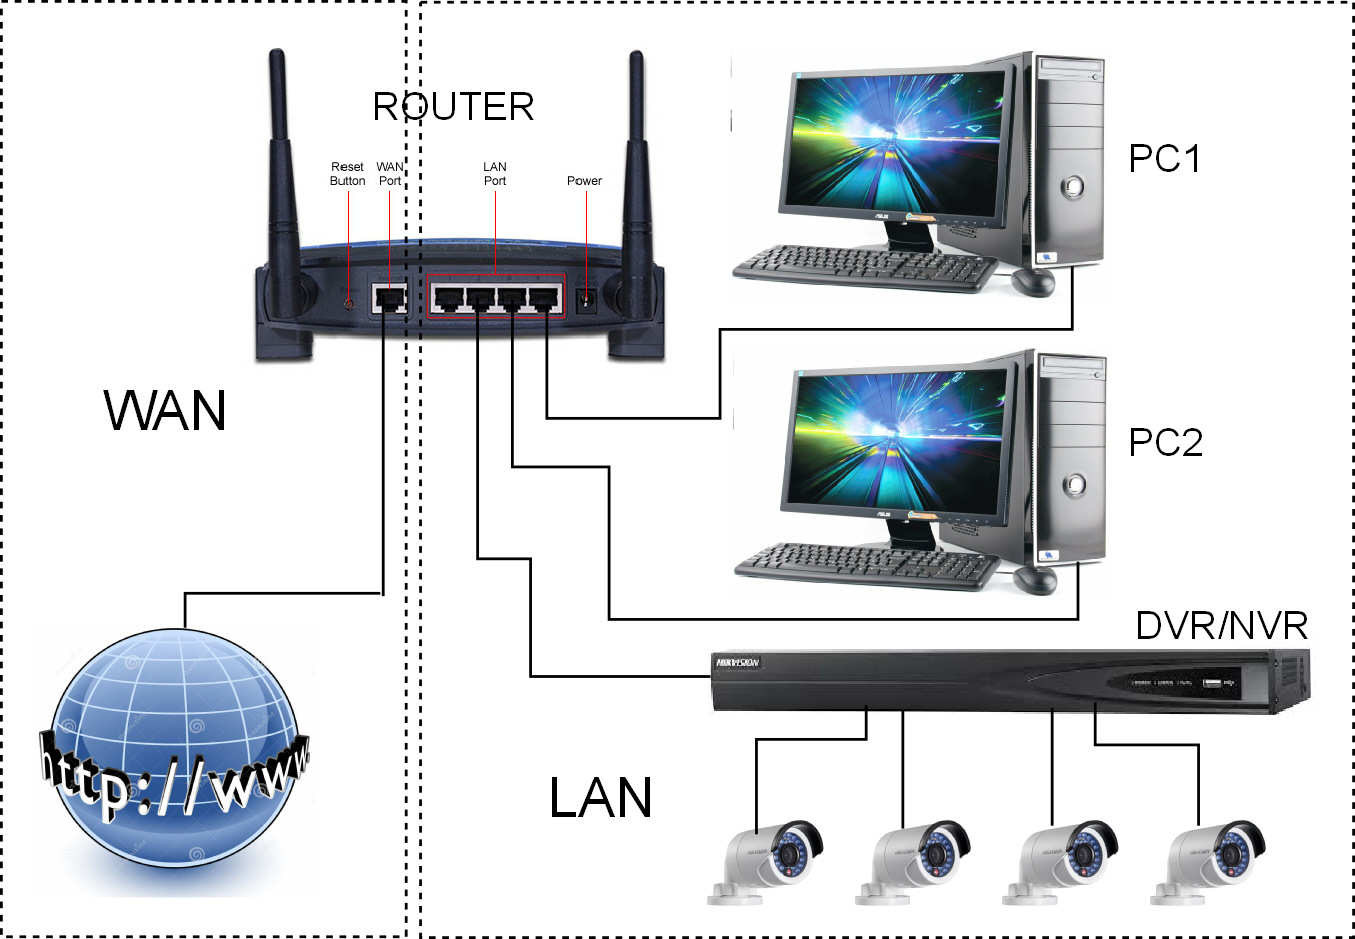 روترهای بیسیم بین درگاه WAN و درگاه LAN / تفاوت بین درگاههای WAN و LAN چیست؟